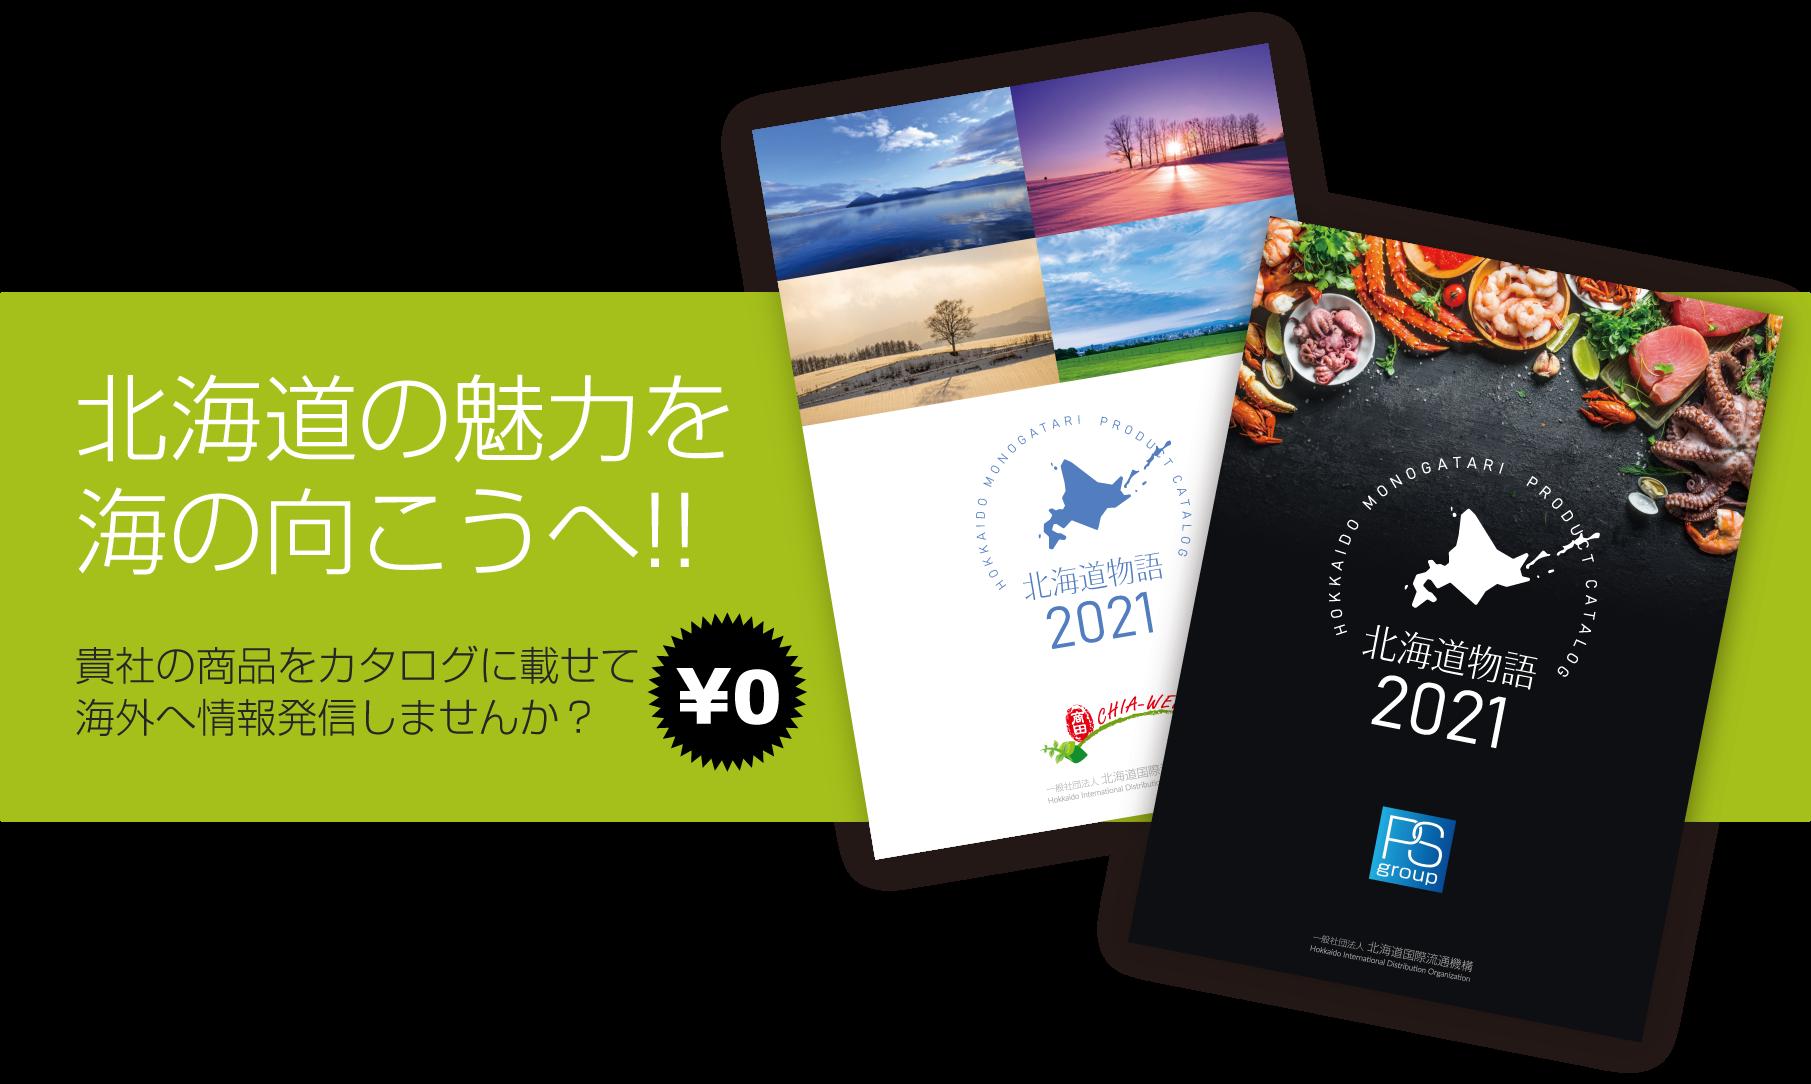 北海道の魅力を海の向こうへ!!貴社の商品をカタログに載せて海外へ情報発信しませんか?